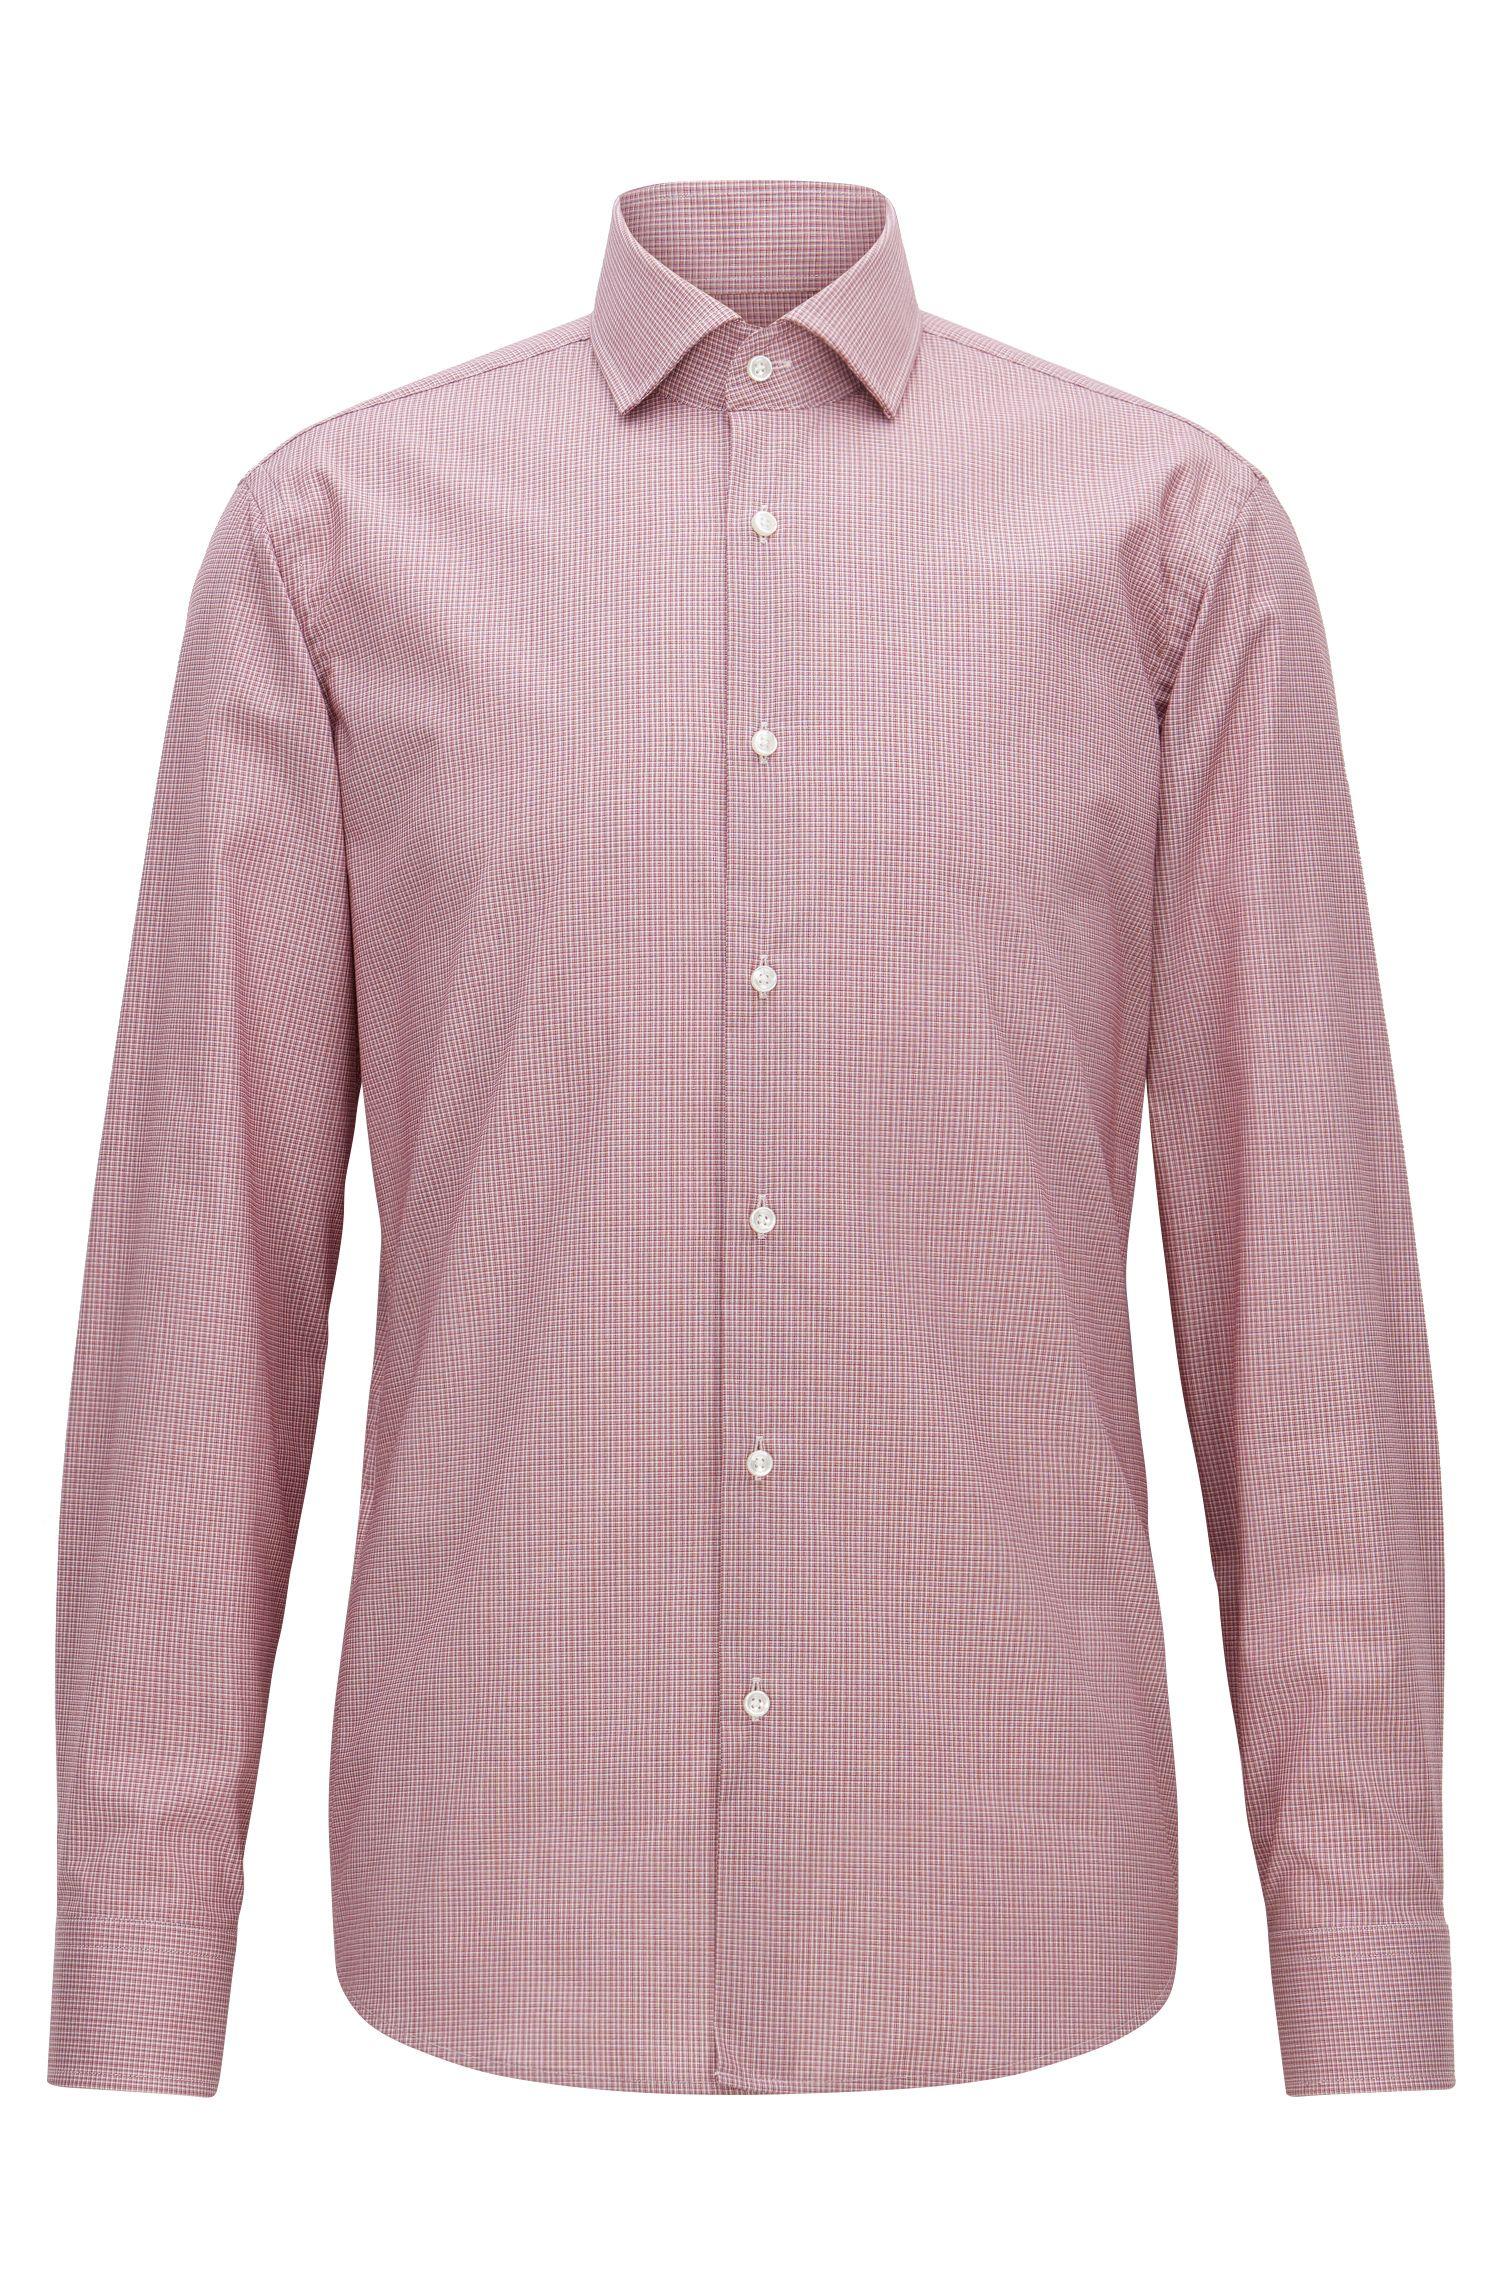 Fein kariertes Regular-Fit Hemd aus bügelleichter Baumwolle